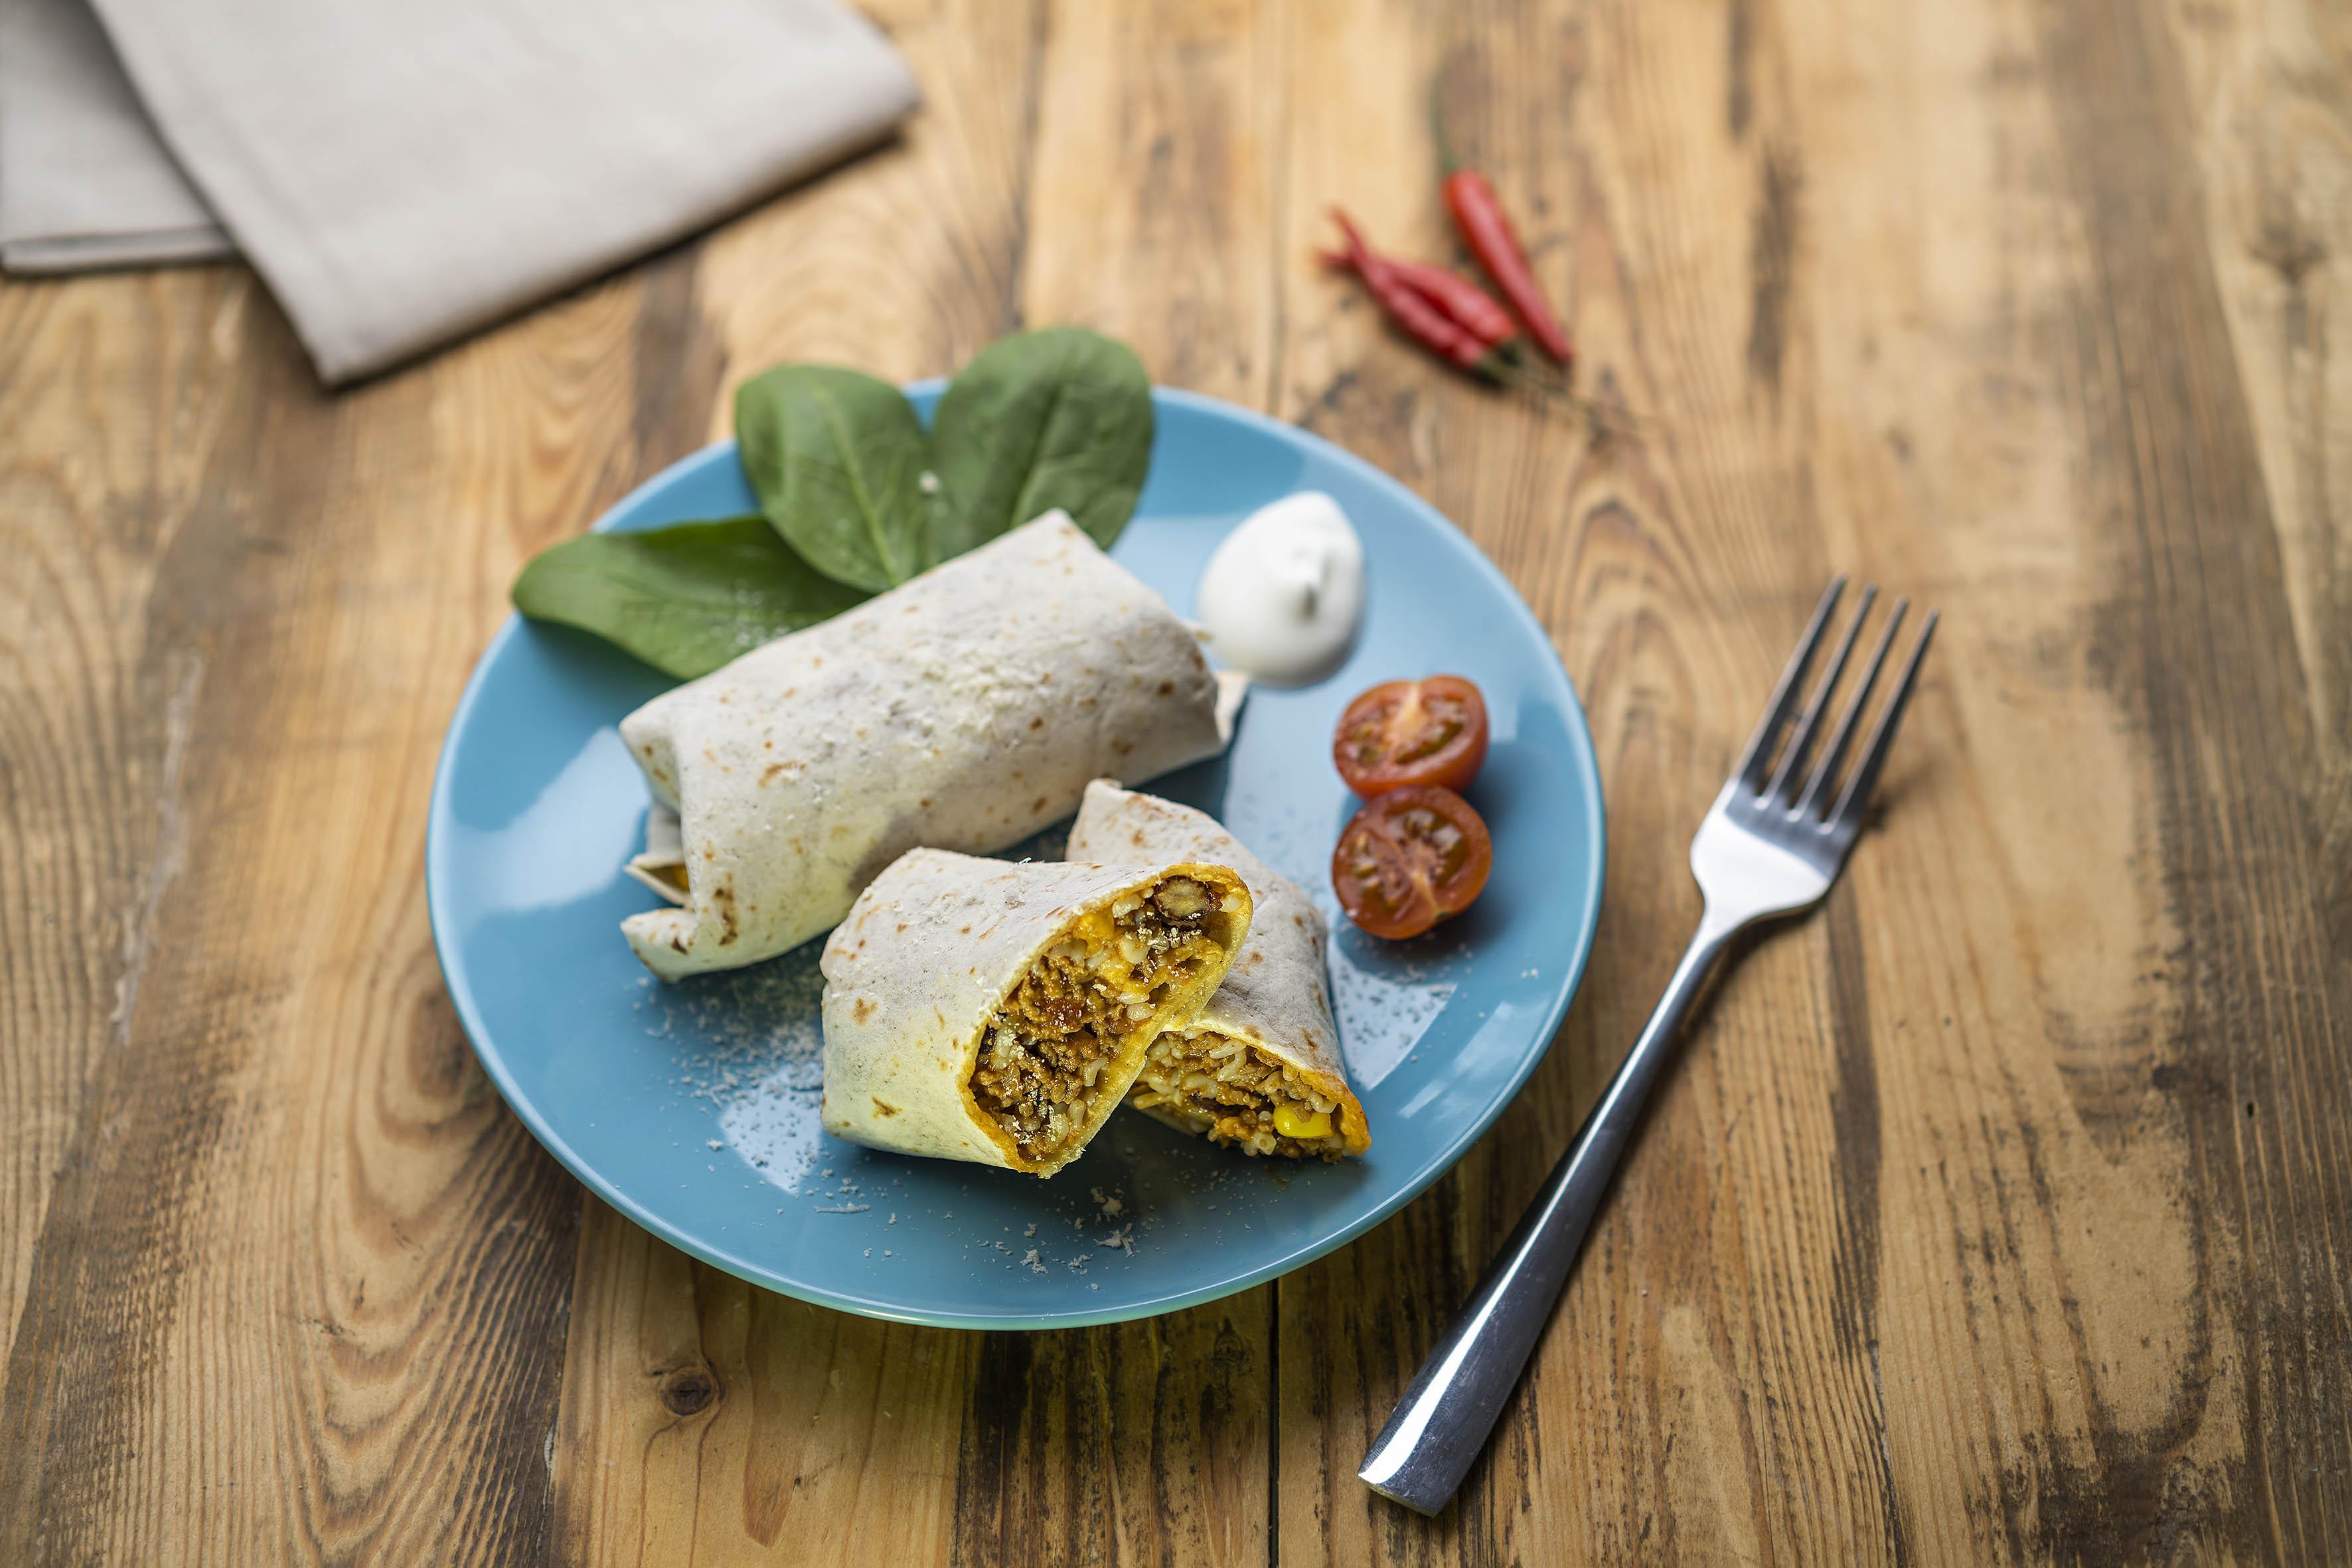 Mexické burrito s hovězím masem a nízkokalorickou rýží